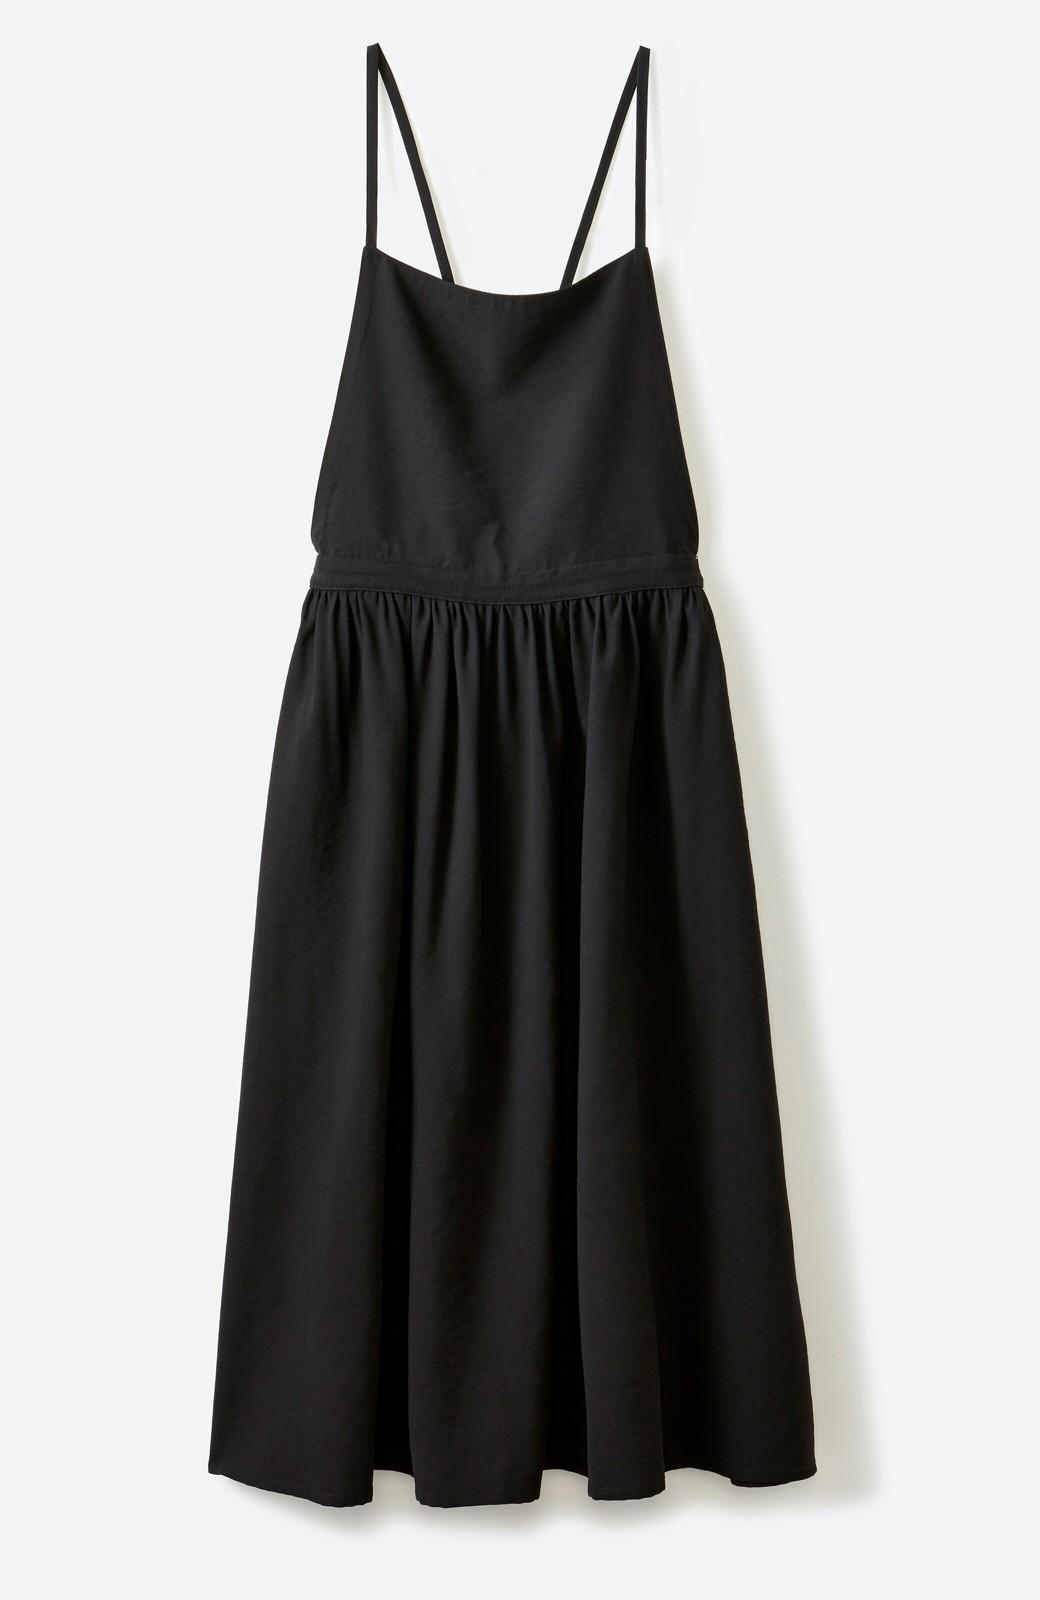 haco! シンプルな服に合わせるだけでかわいいエプロンワンピース <ブラック>の商品写真2